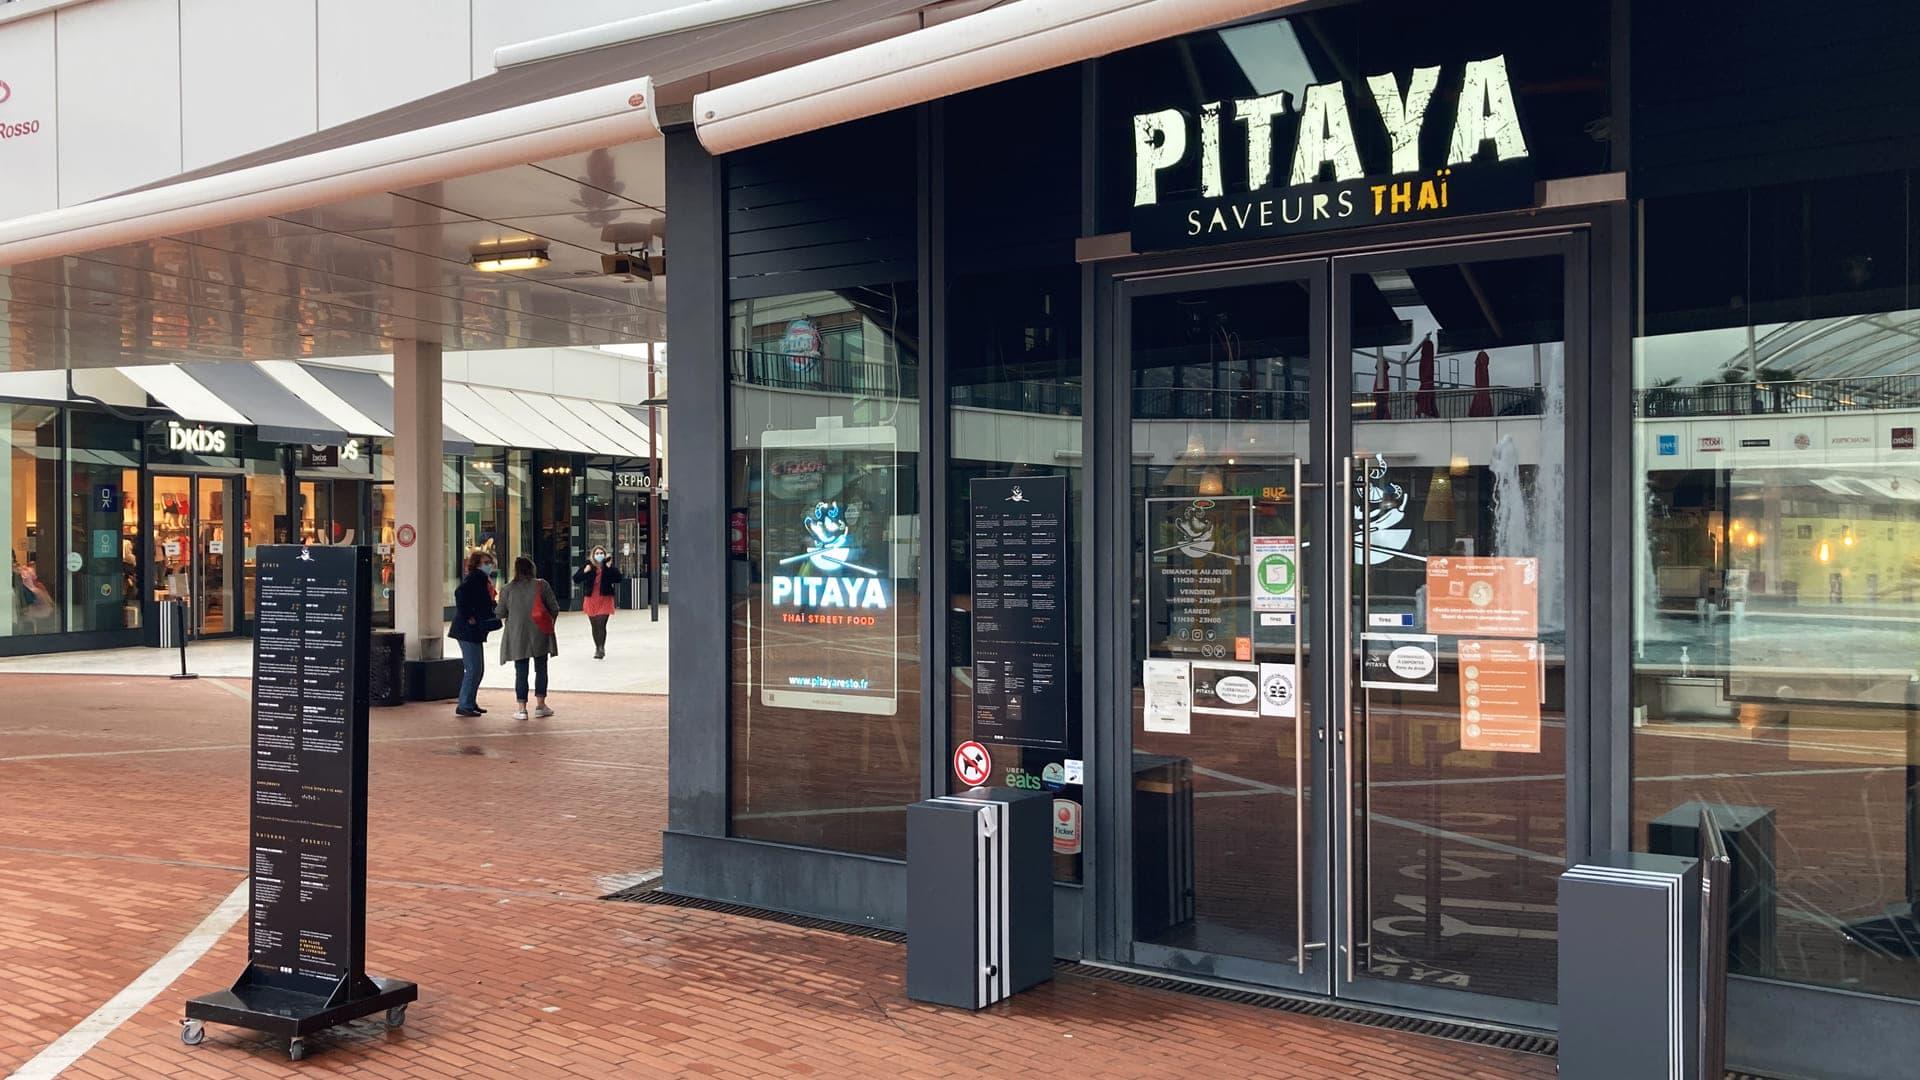 réalisation kpmediacom pitaya saveurs thaï